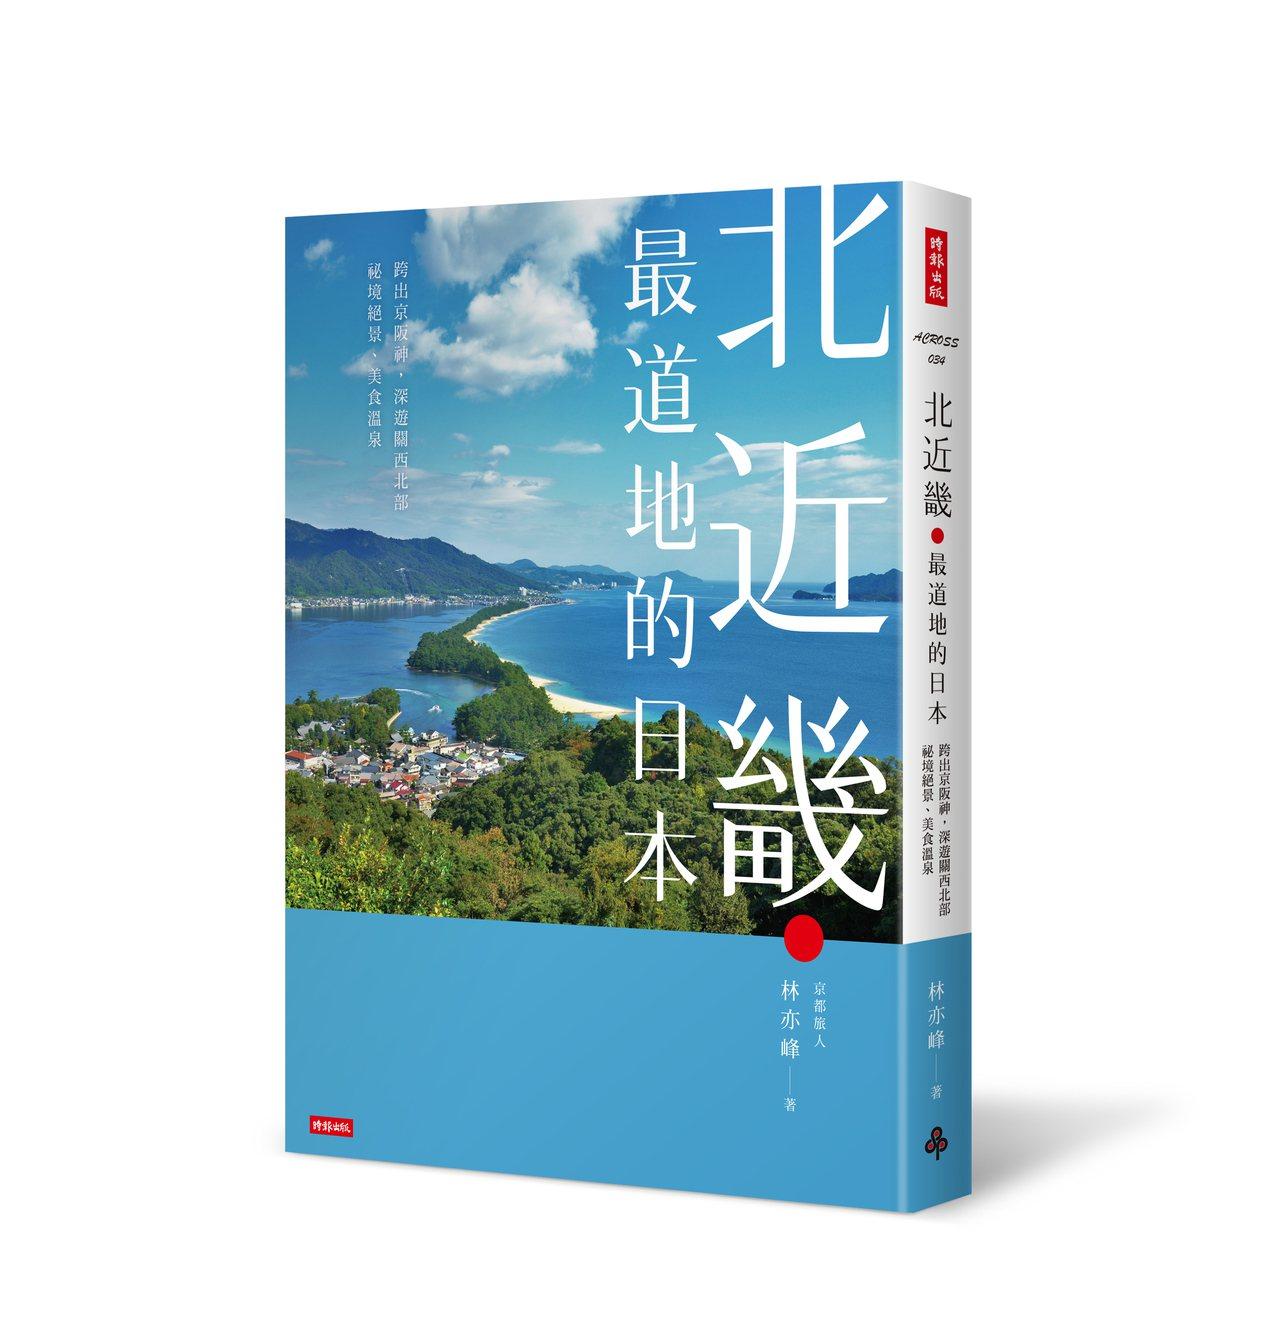 《北近畿.最道地的日本》,林亦峰著,時報出版